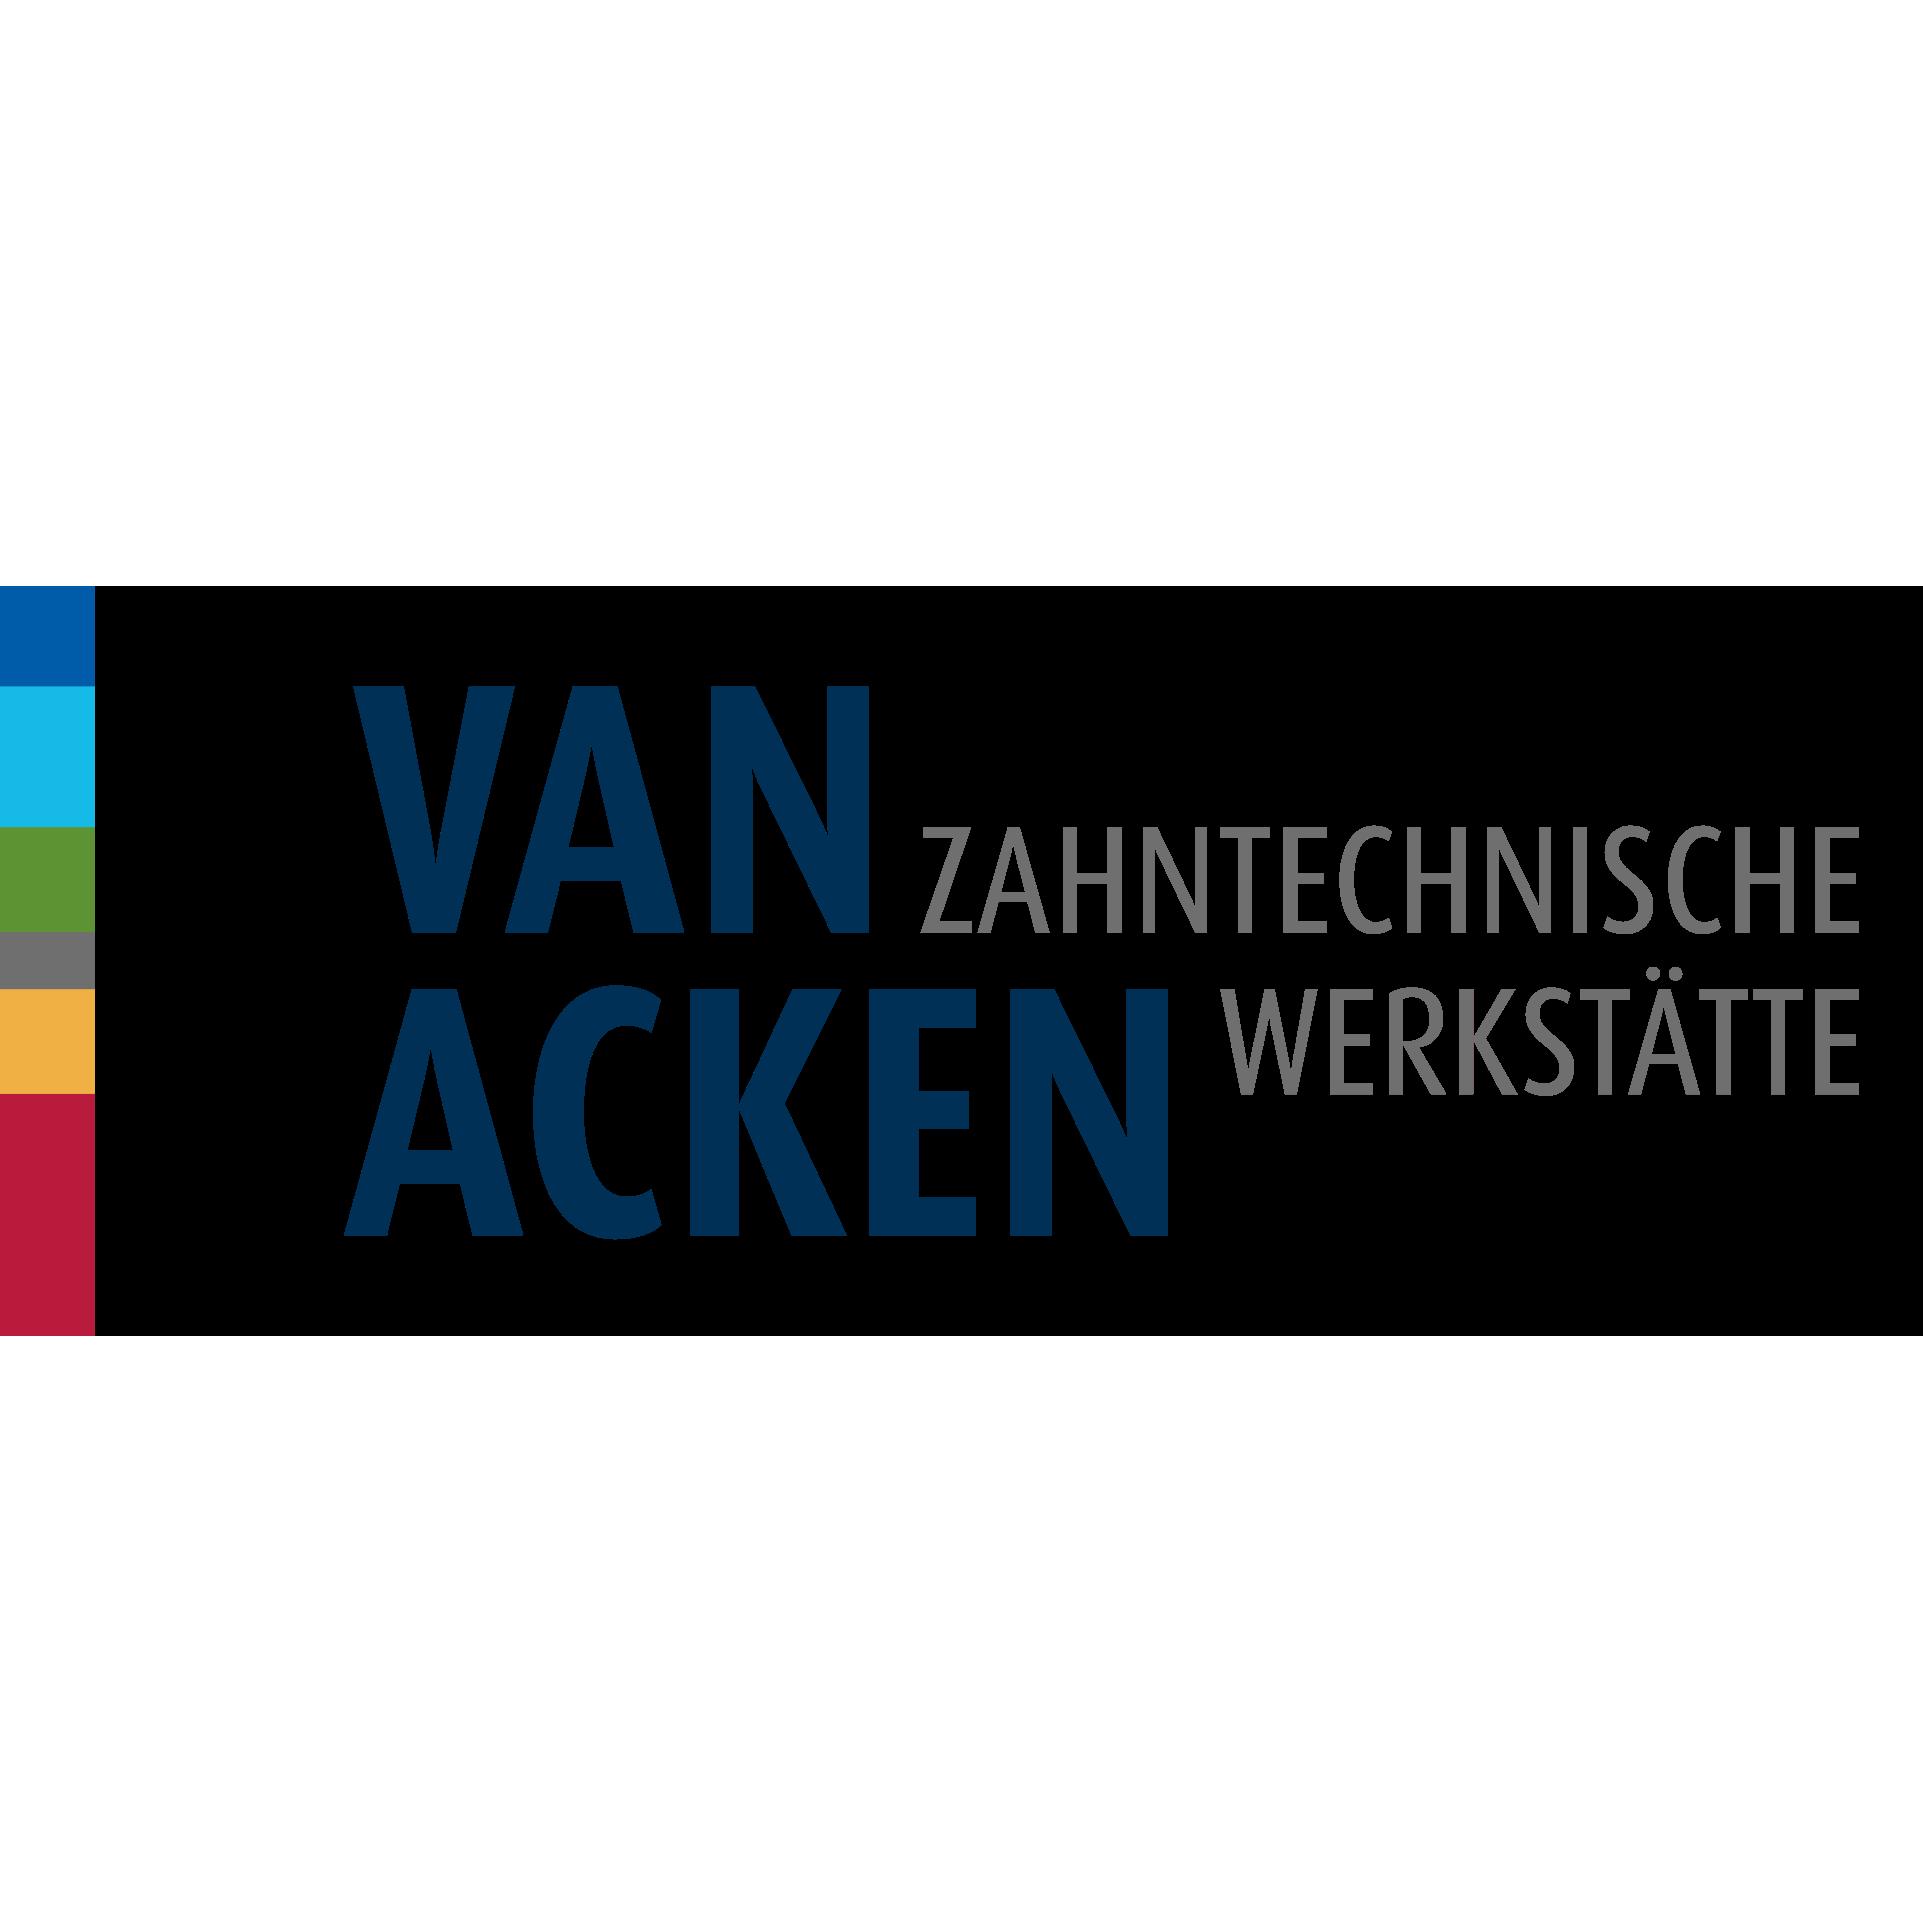 Bild zu Zahntechnische-Werkstätte van Acken GmbH & Co. KG in Borken in Westfalen